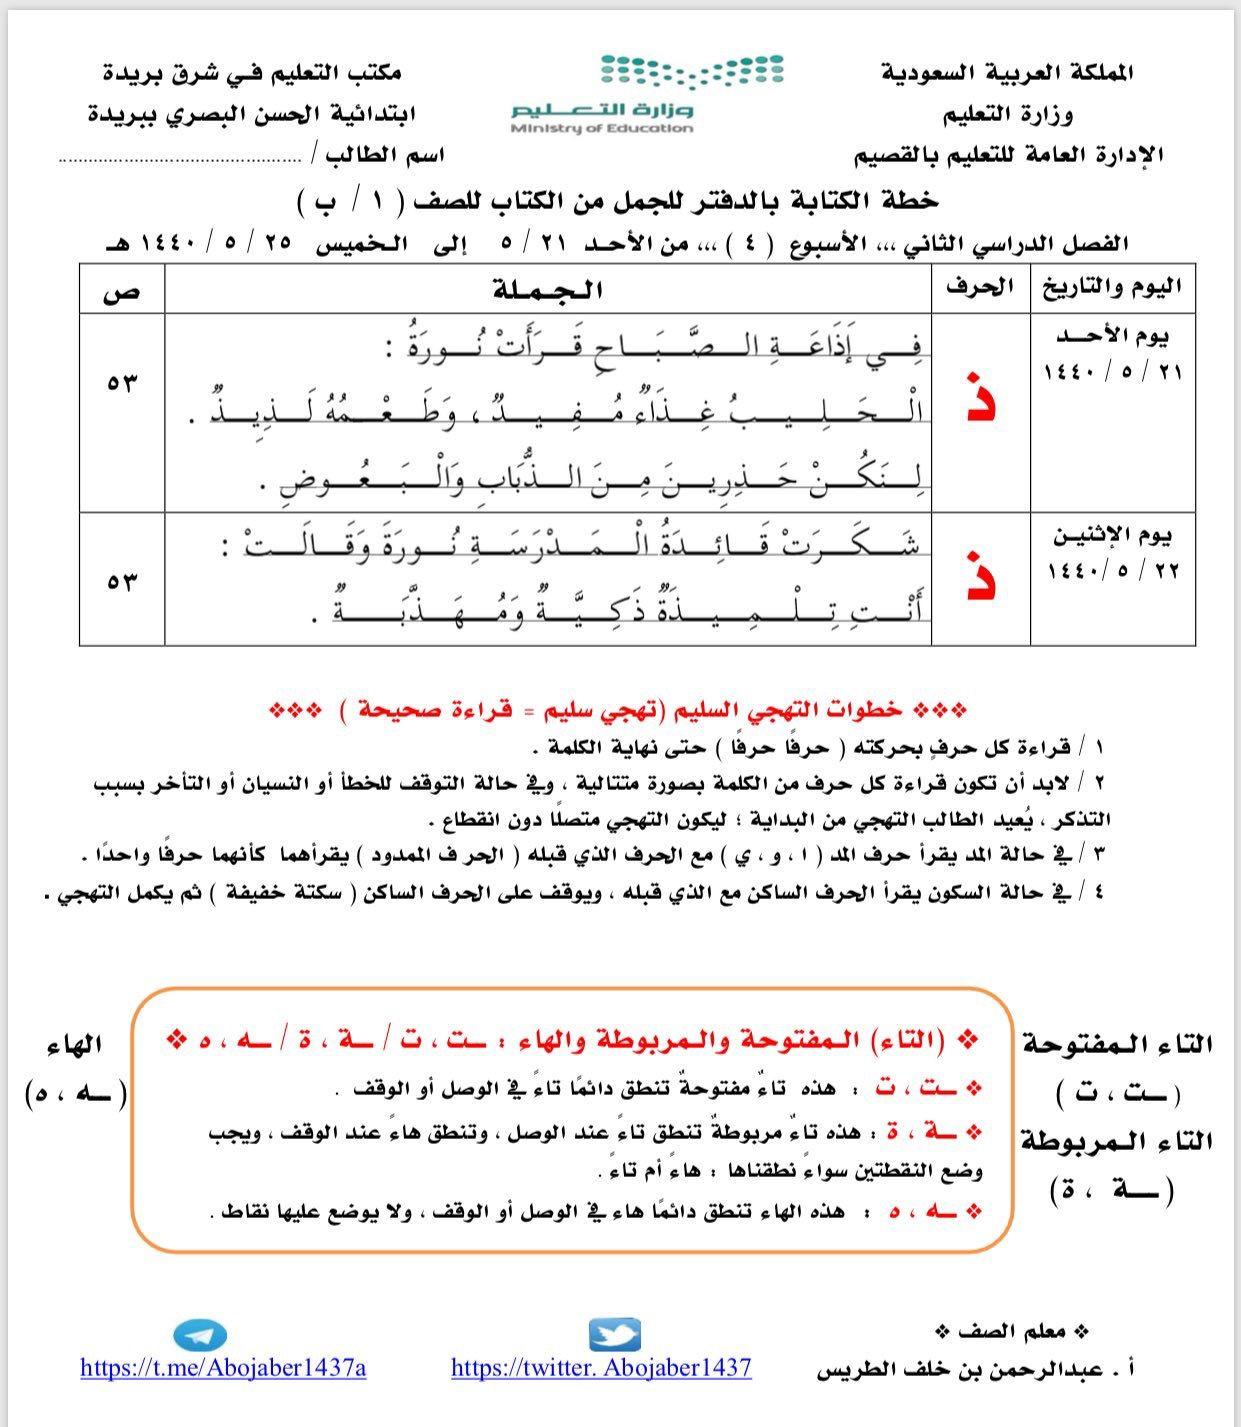 التهج ي التاء المربوطة التاء المفتوحة من قناة أ عبدالرحمن الطريس Learning Jau Twitter